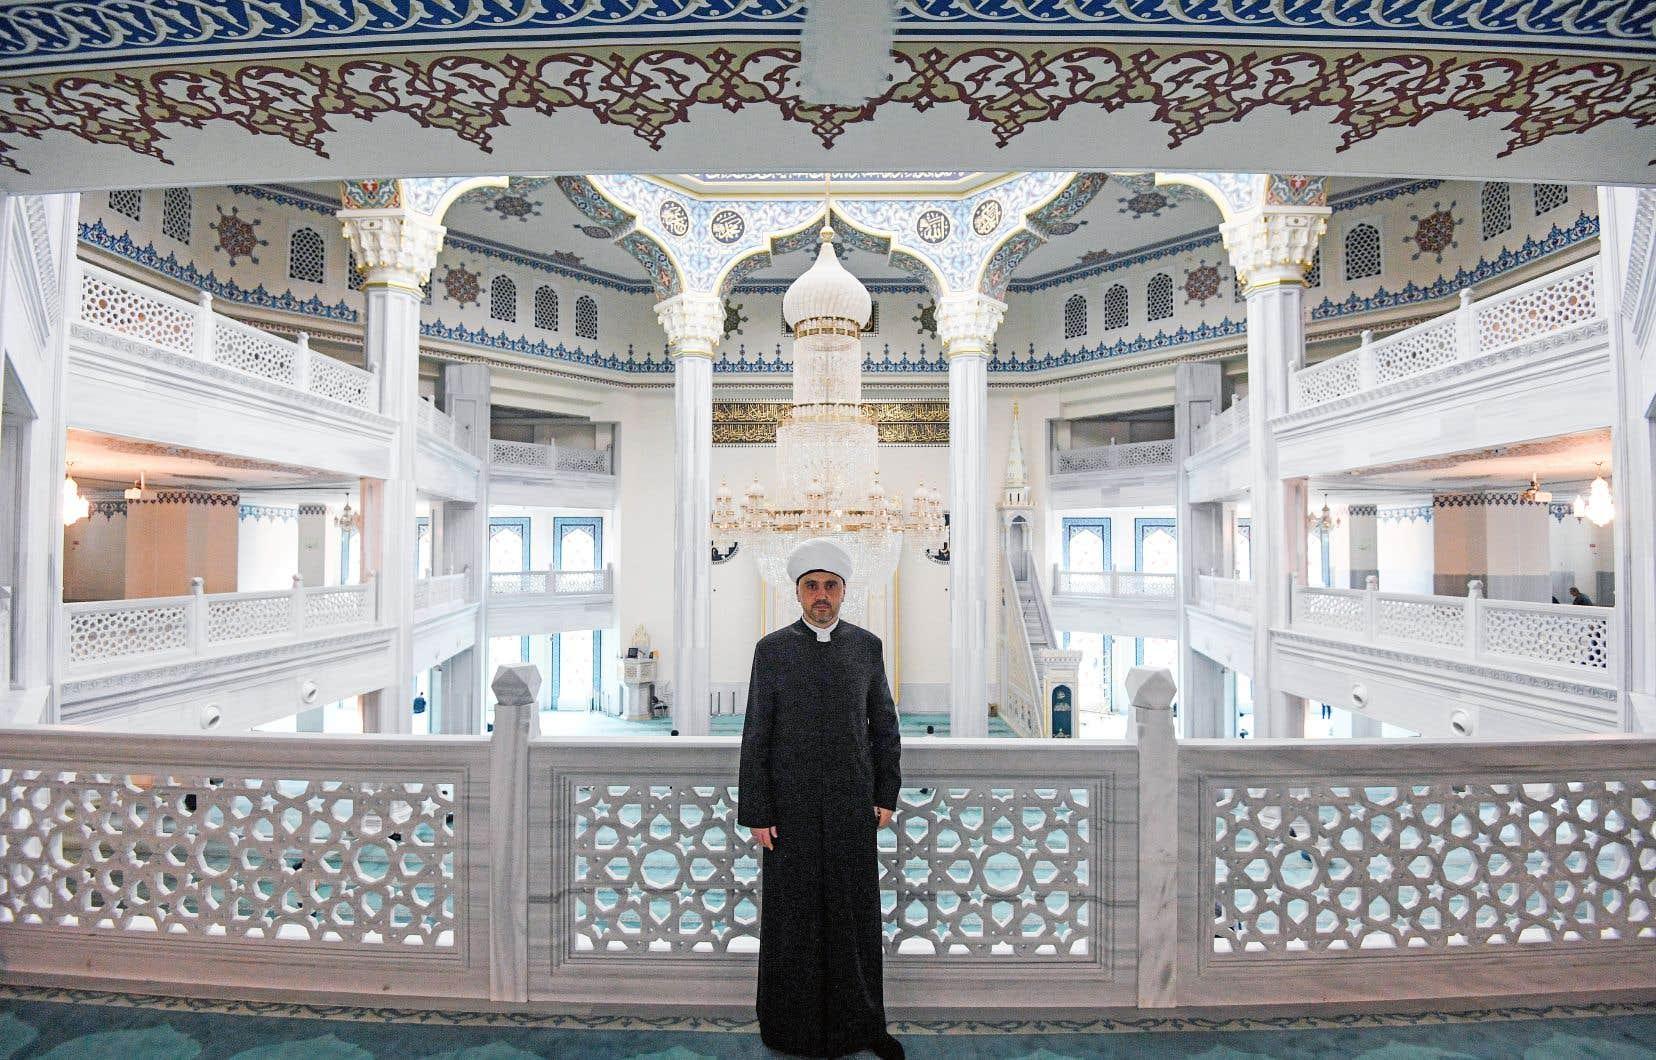 Rouchane Abbiassov, vice-président du Conseil des muftis de Russie, dit avoir le soutien de Moscou pour développer les exportations de produits halal vers les pays musulmans d'ex-URSS.